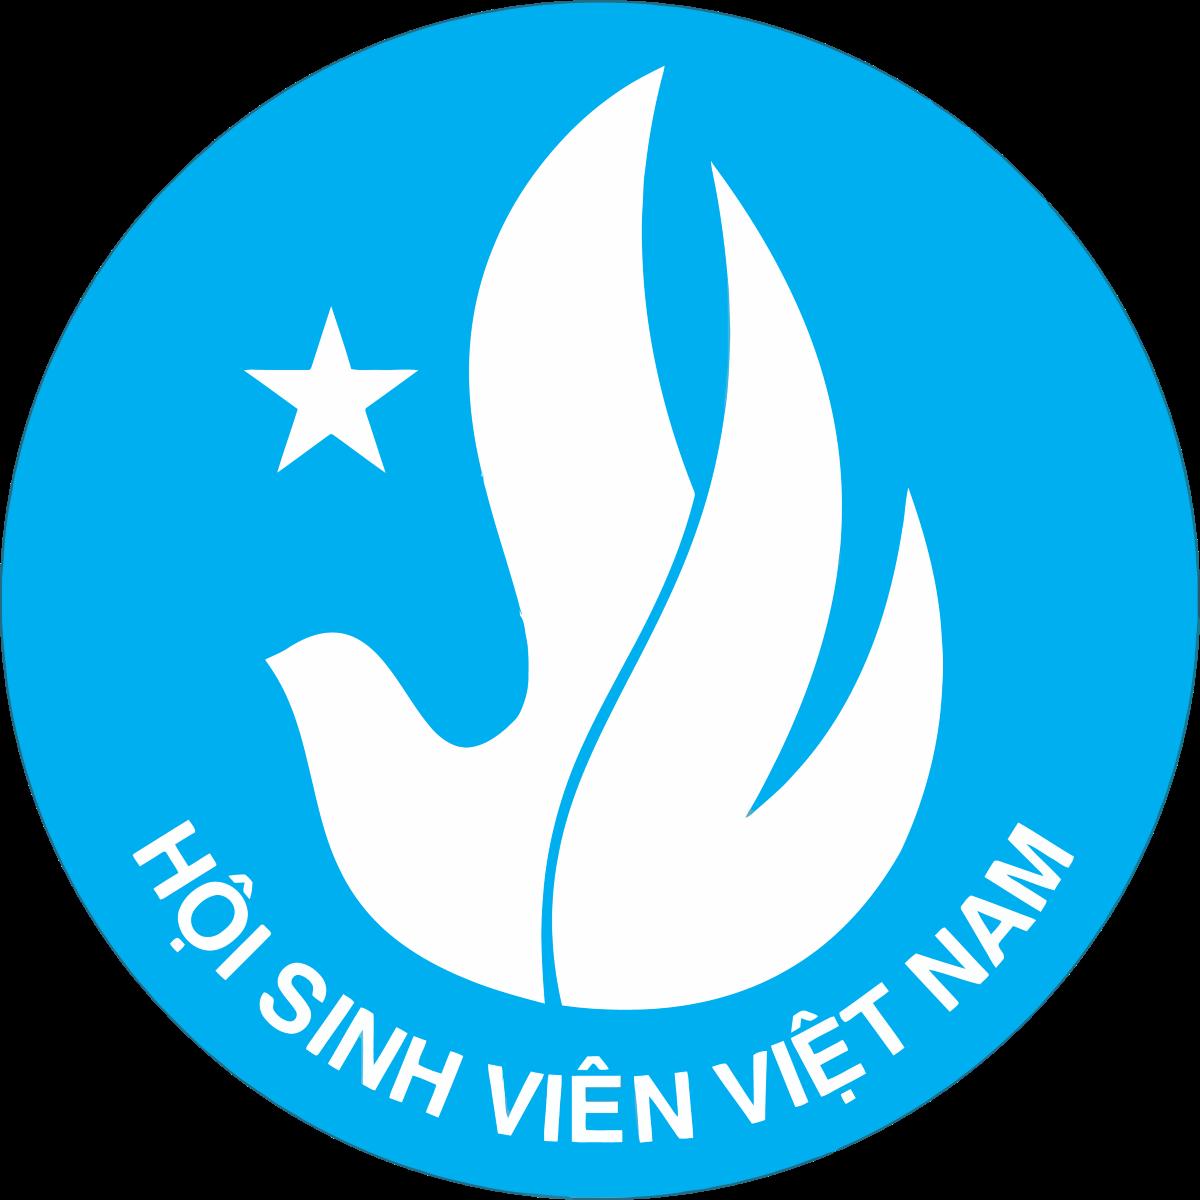 Logo Hoi Sinh Vien Viet Nam